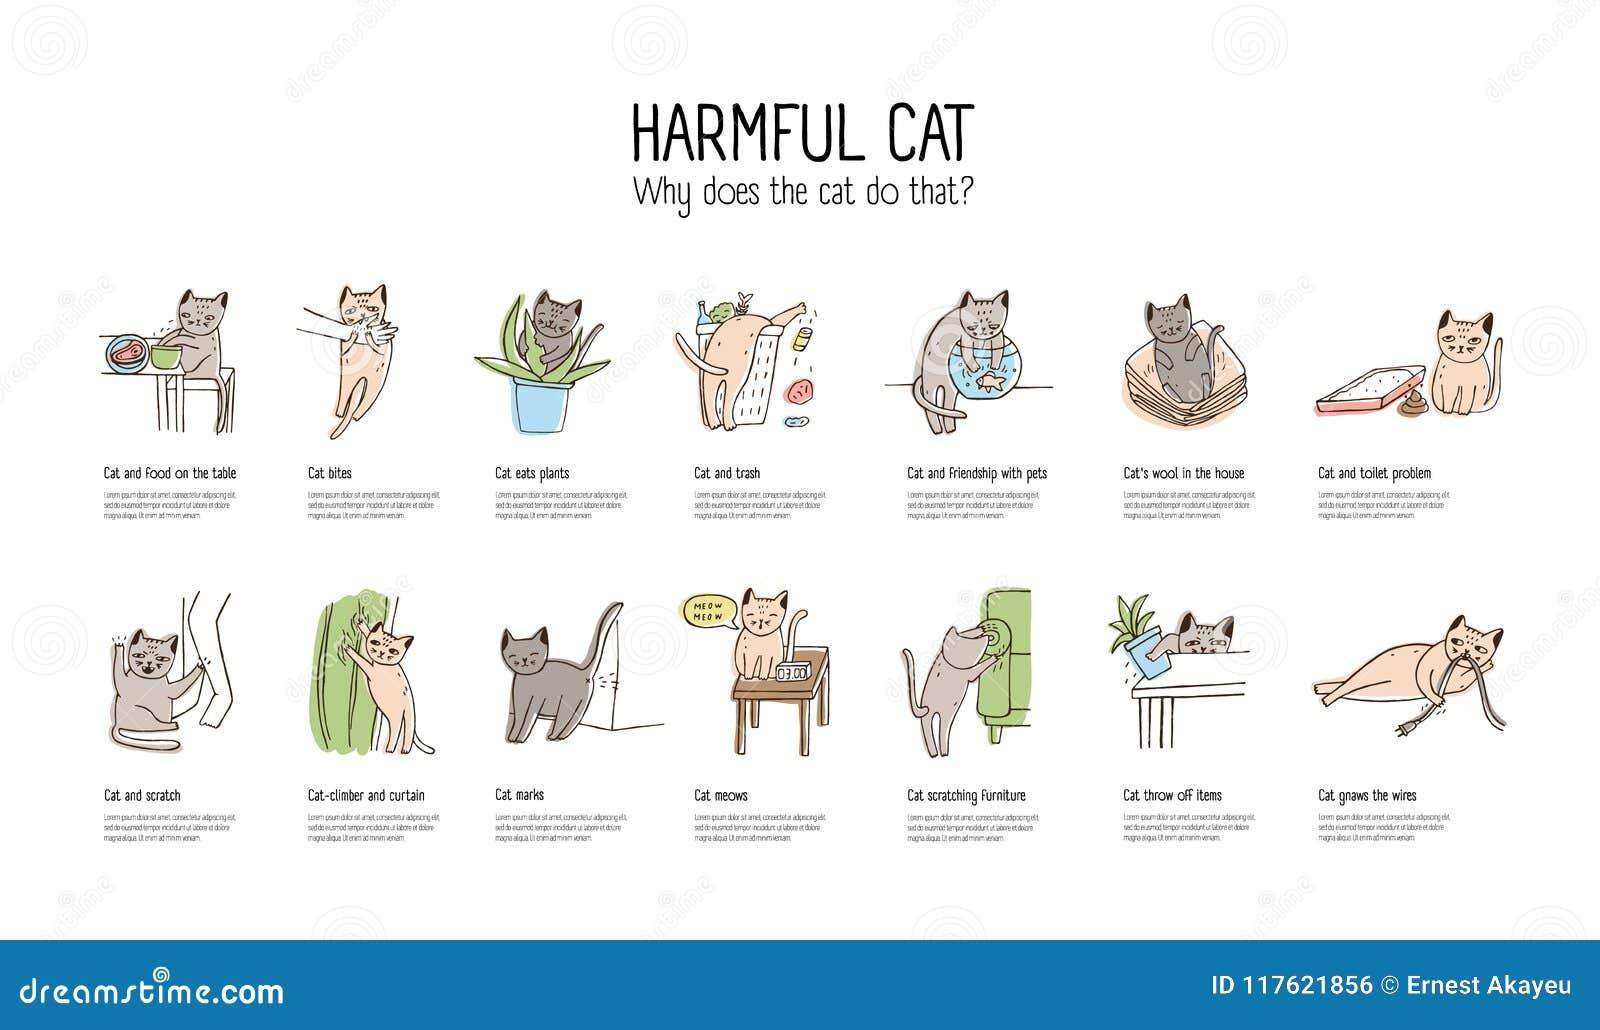 Horyzontalny sztandar z niegrzecznym kotem robi różnorodnym rzeczom - kraść jedzenie, chrobotliwy meble, objadanie depeszuje, mio